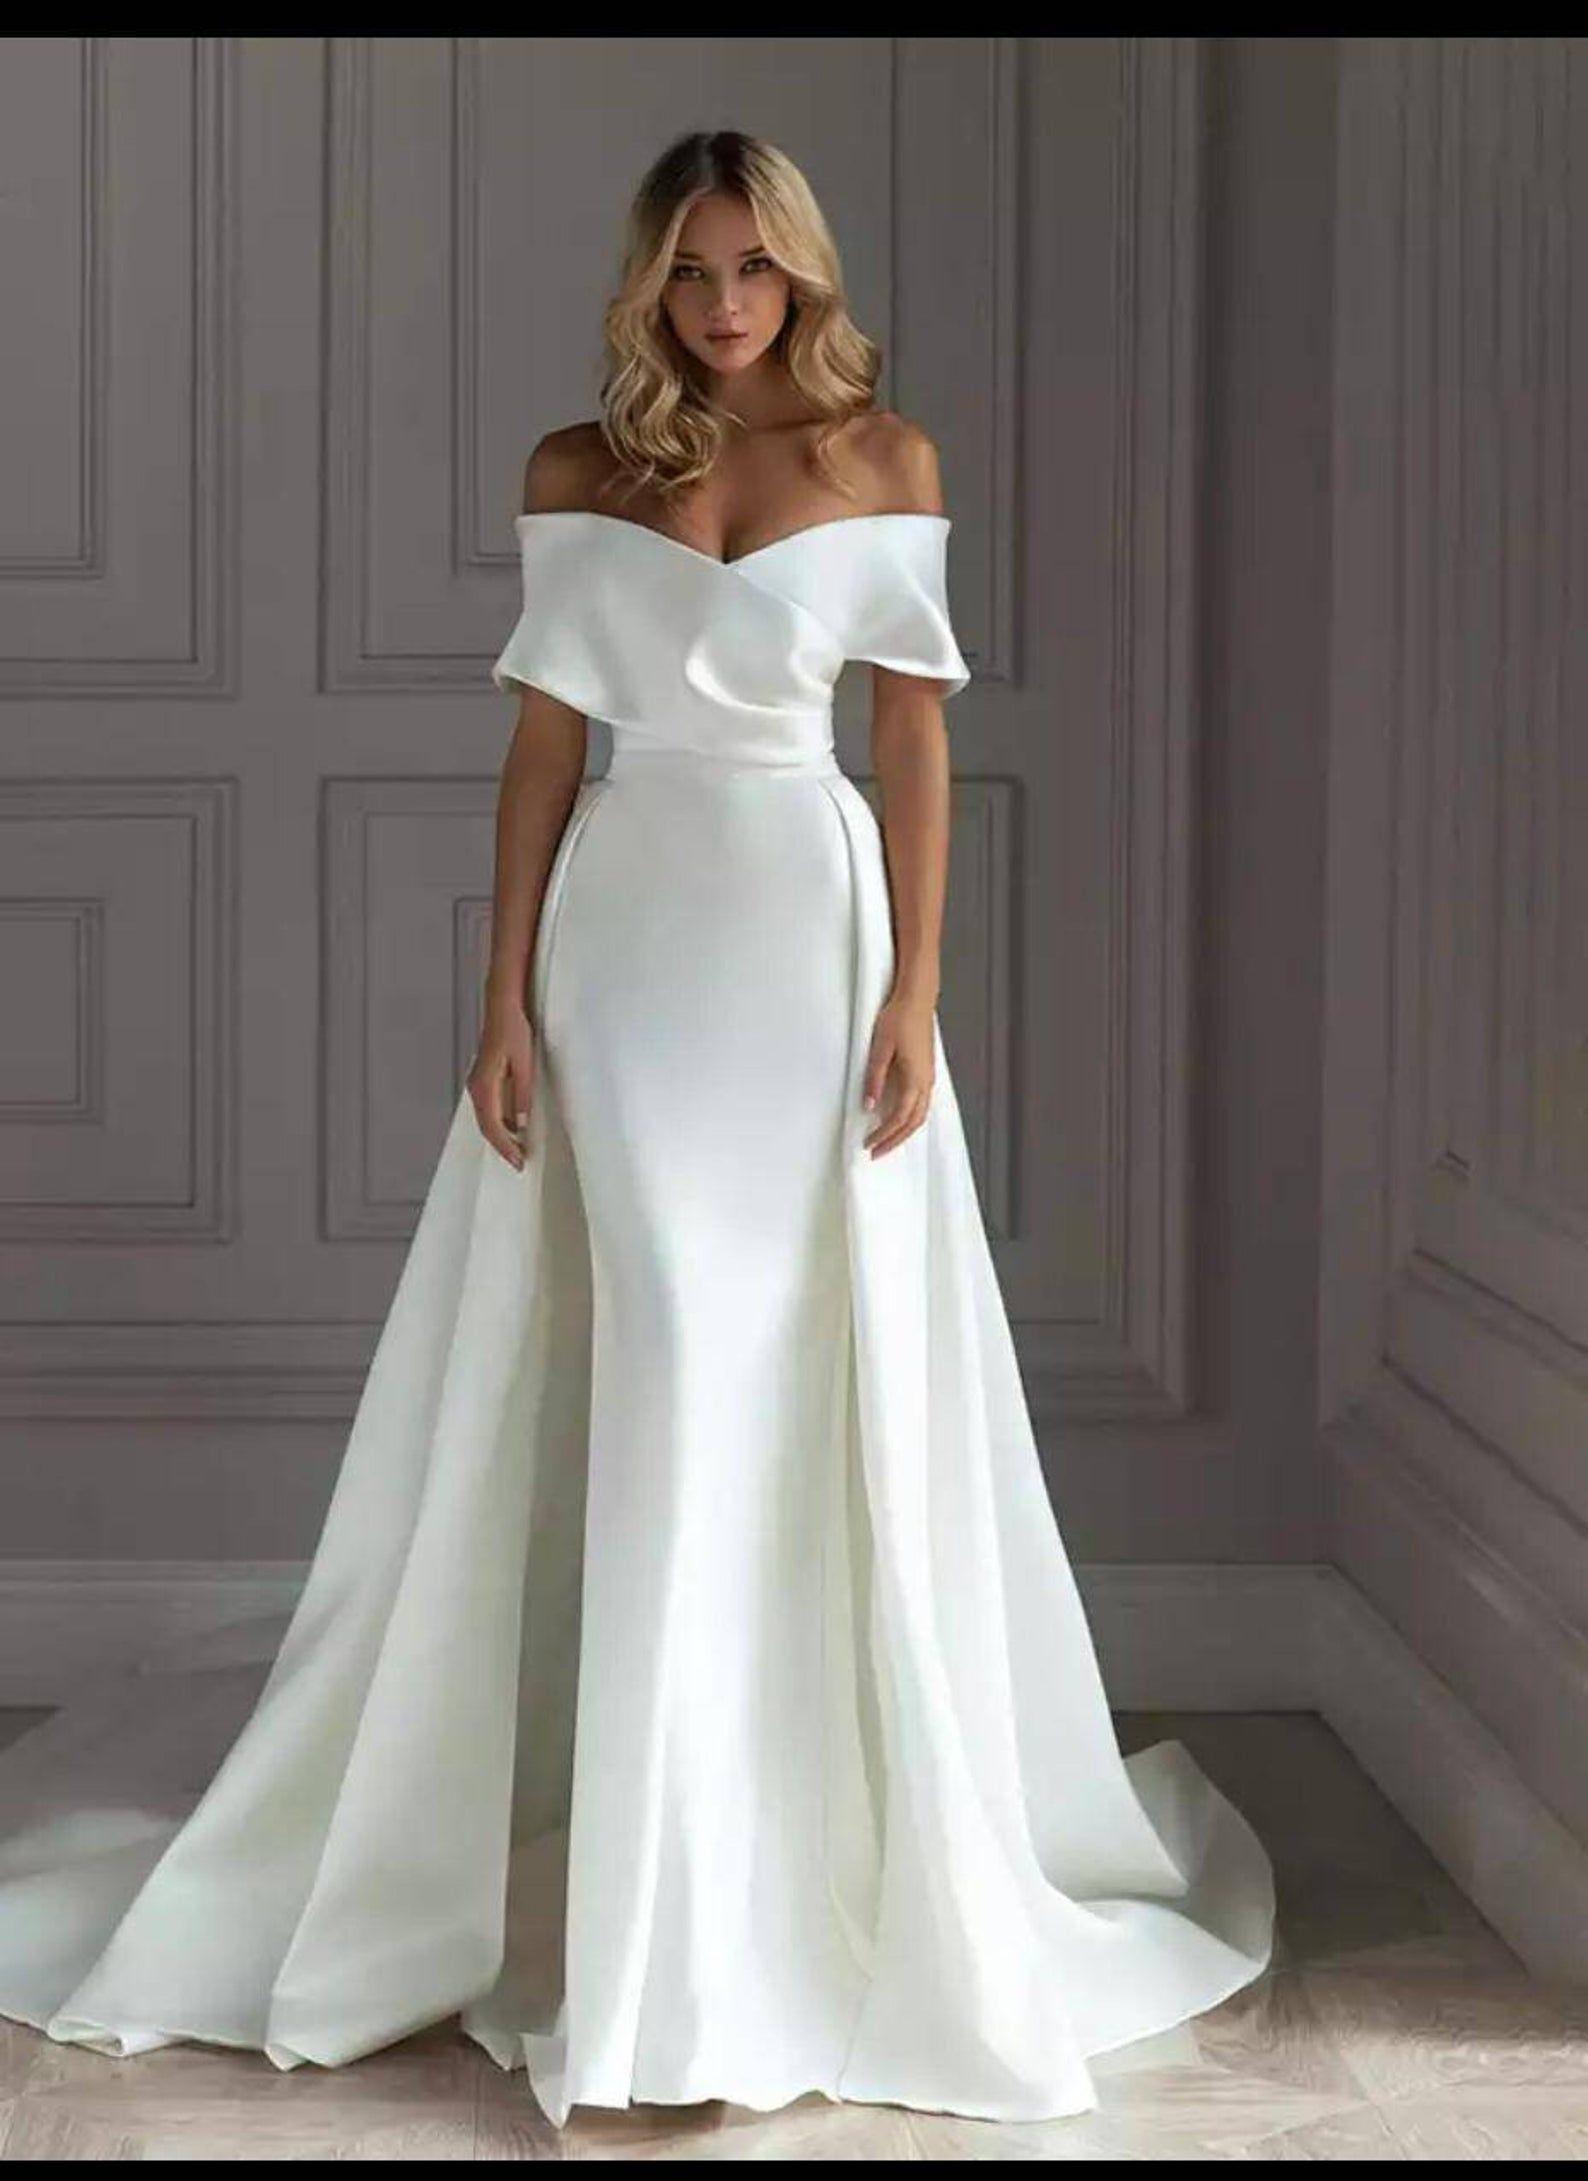 Mermaid wedding dress/ wedding dress/reception dre